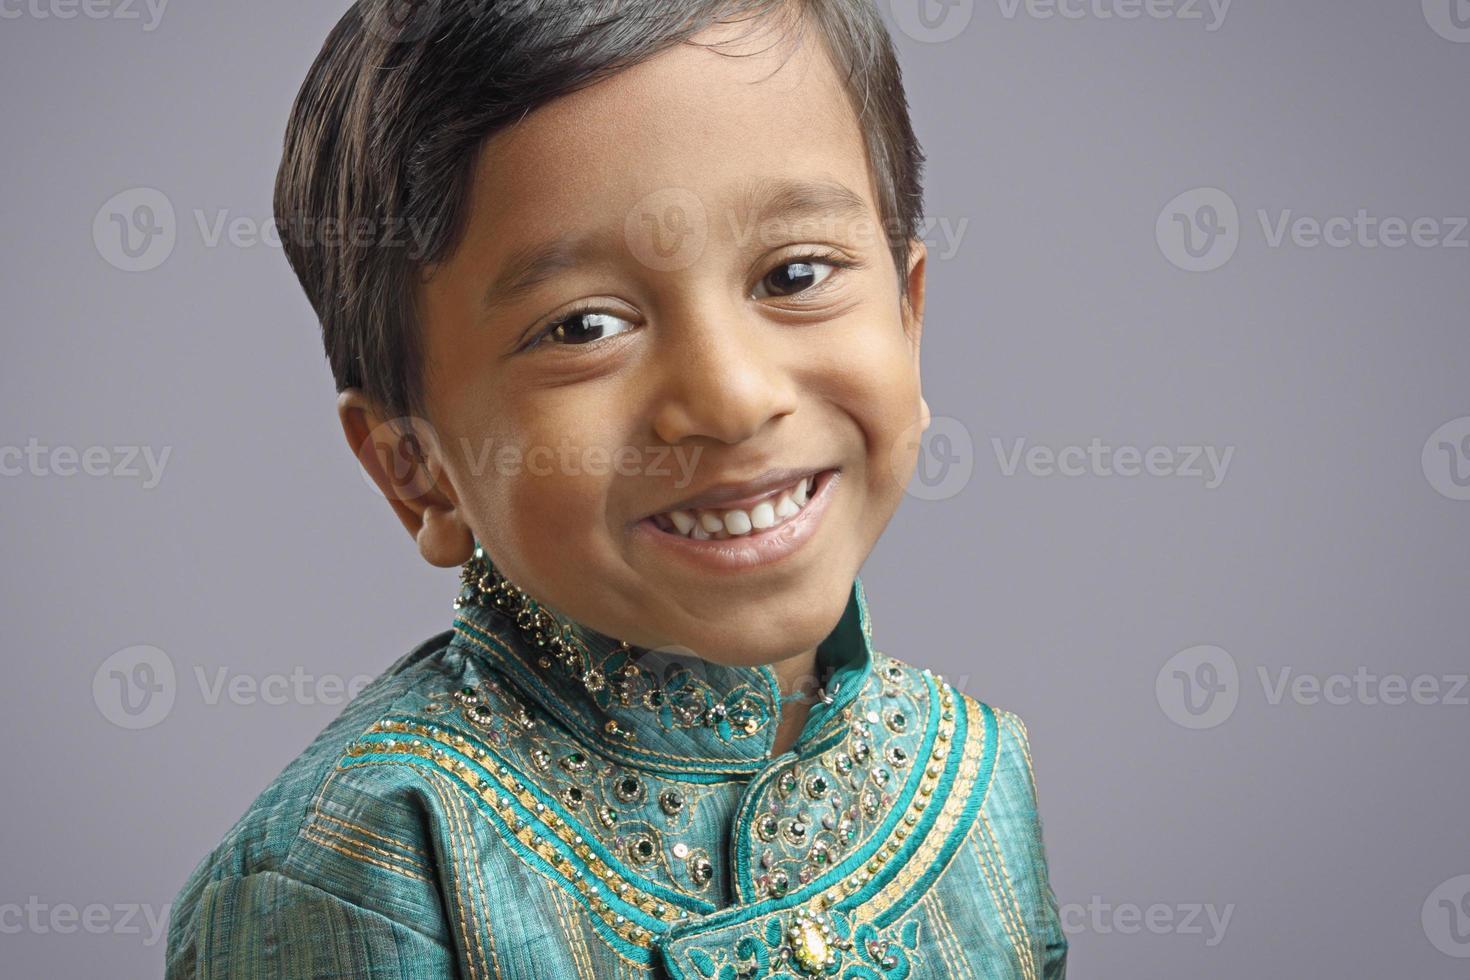 niño indio con vestimenta tradicional foto